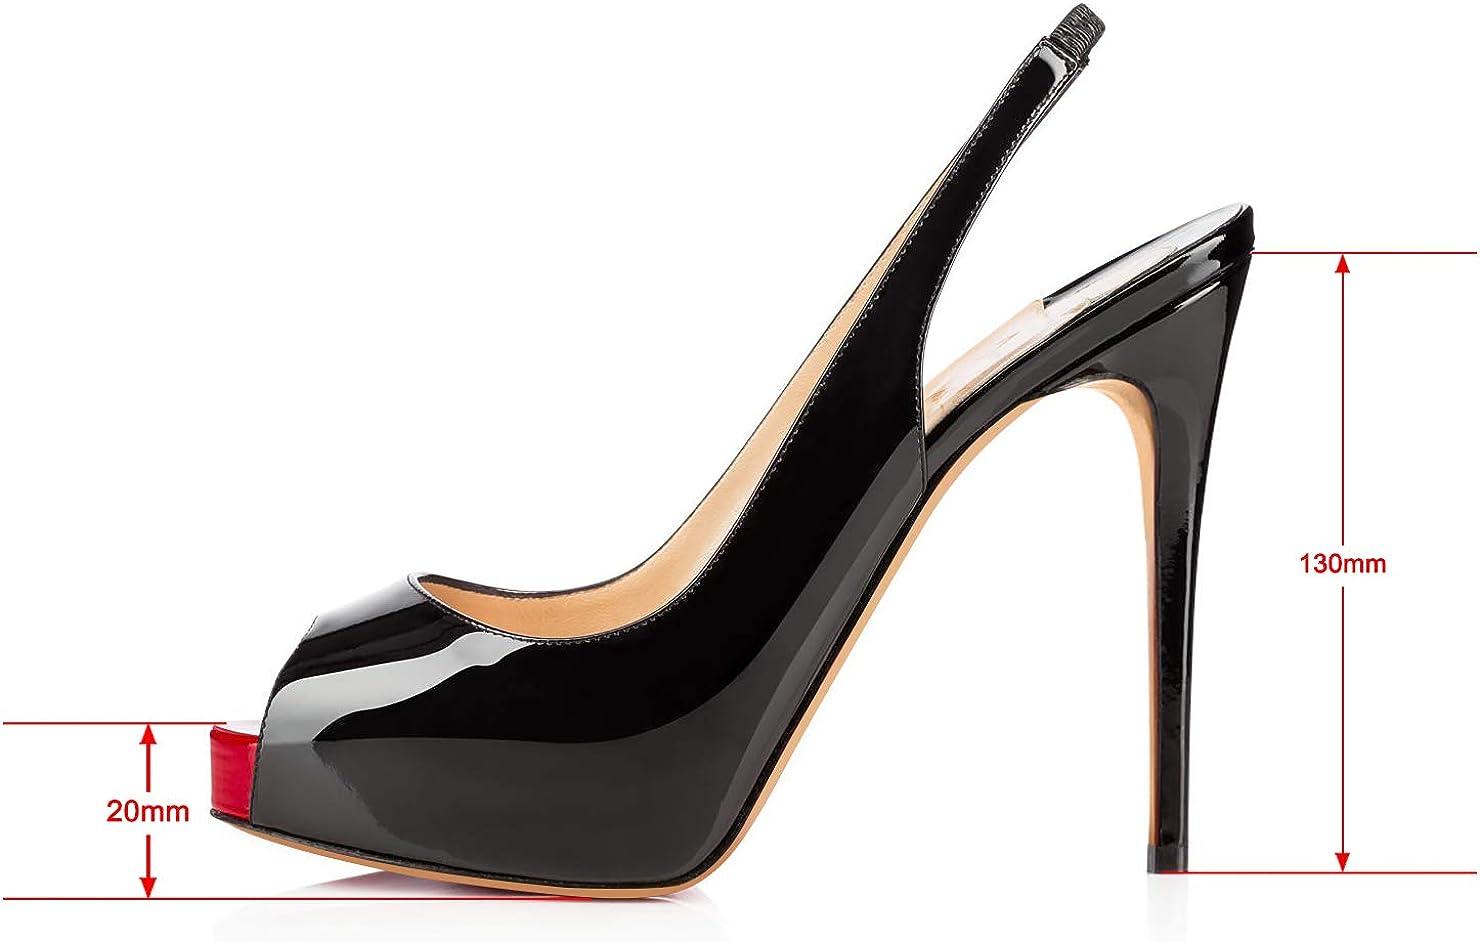 : Sandalias de tacón alto para mujer con